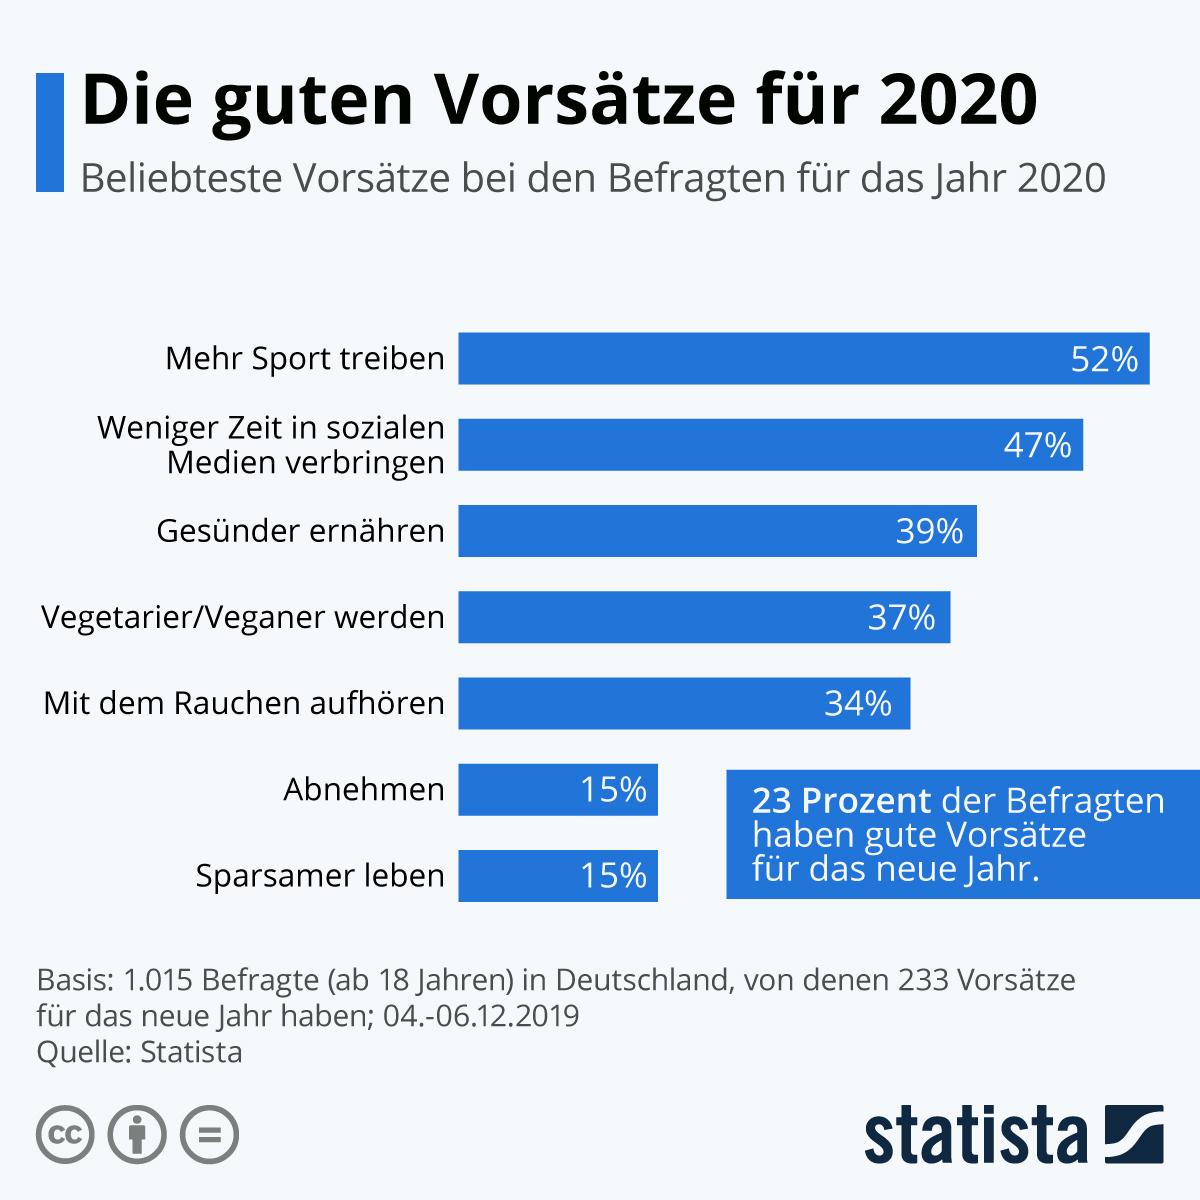 Infografik: Die guten Vorsätze für 2020 | Statista